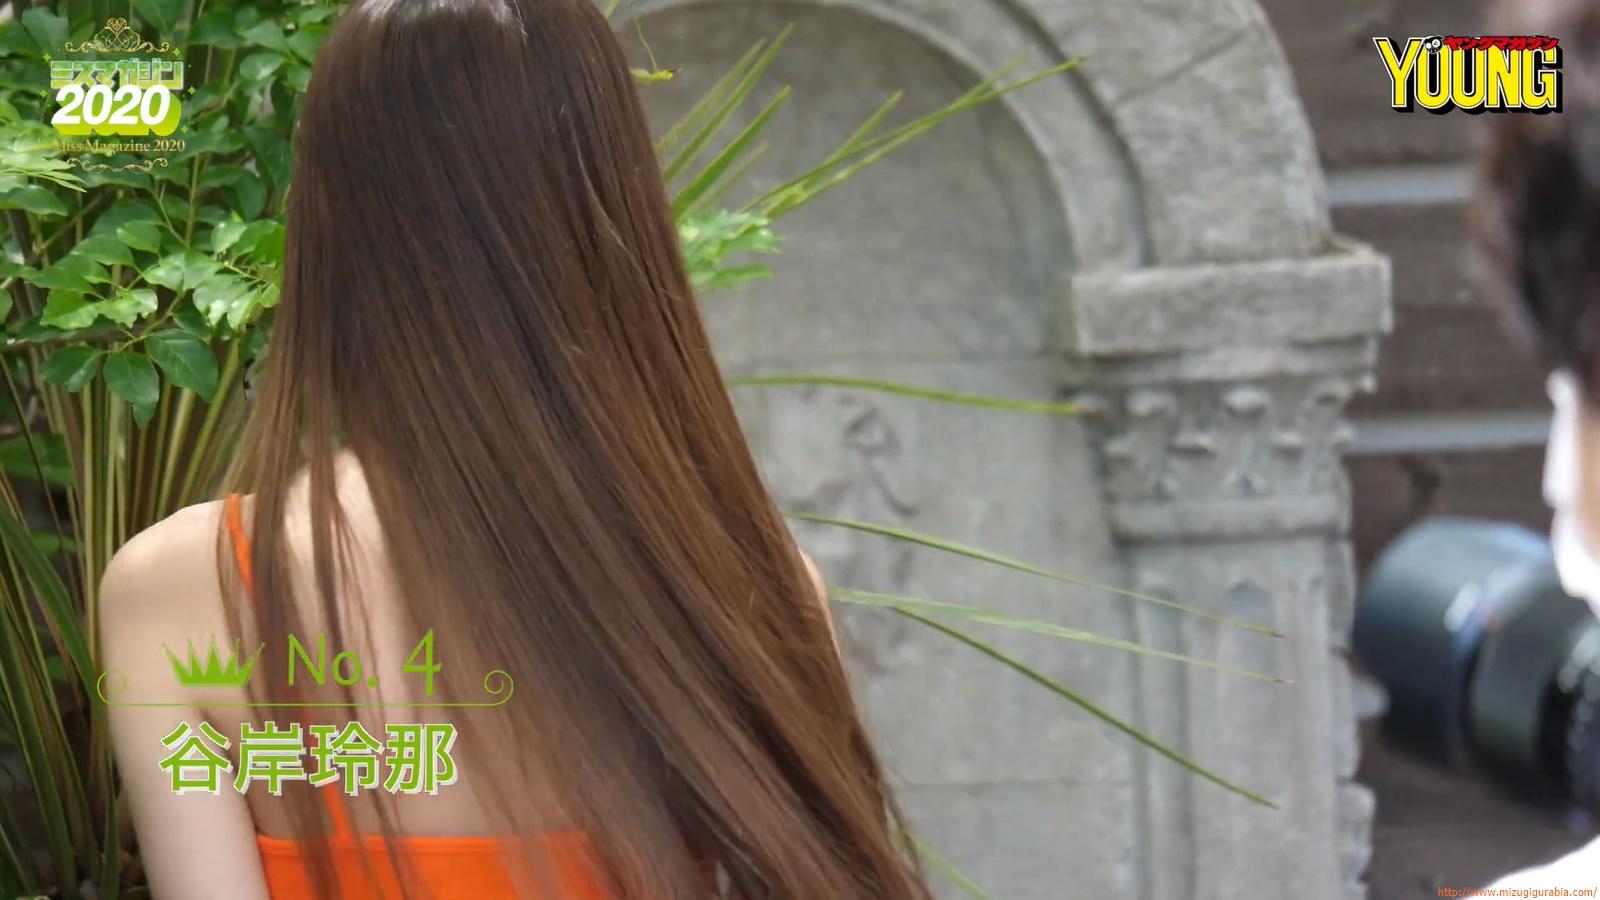 Miss Magazine 2020 Rena Tanegishi060